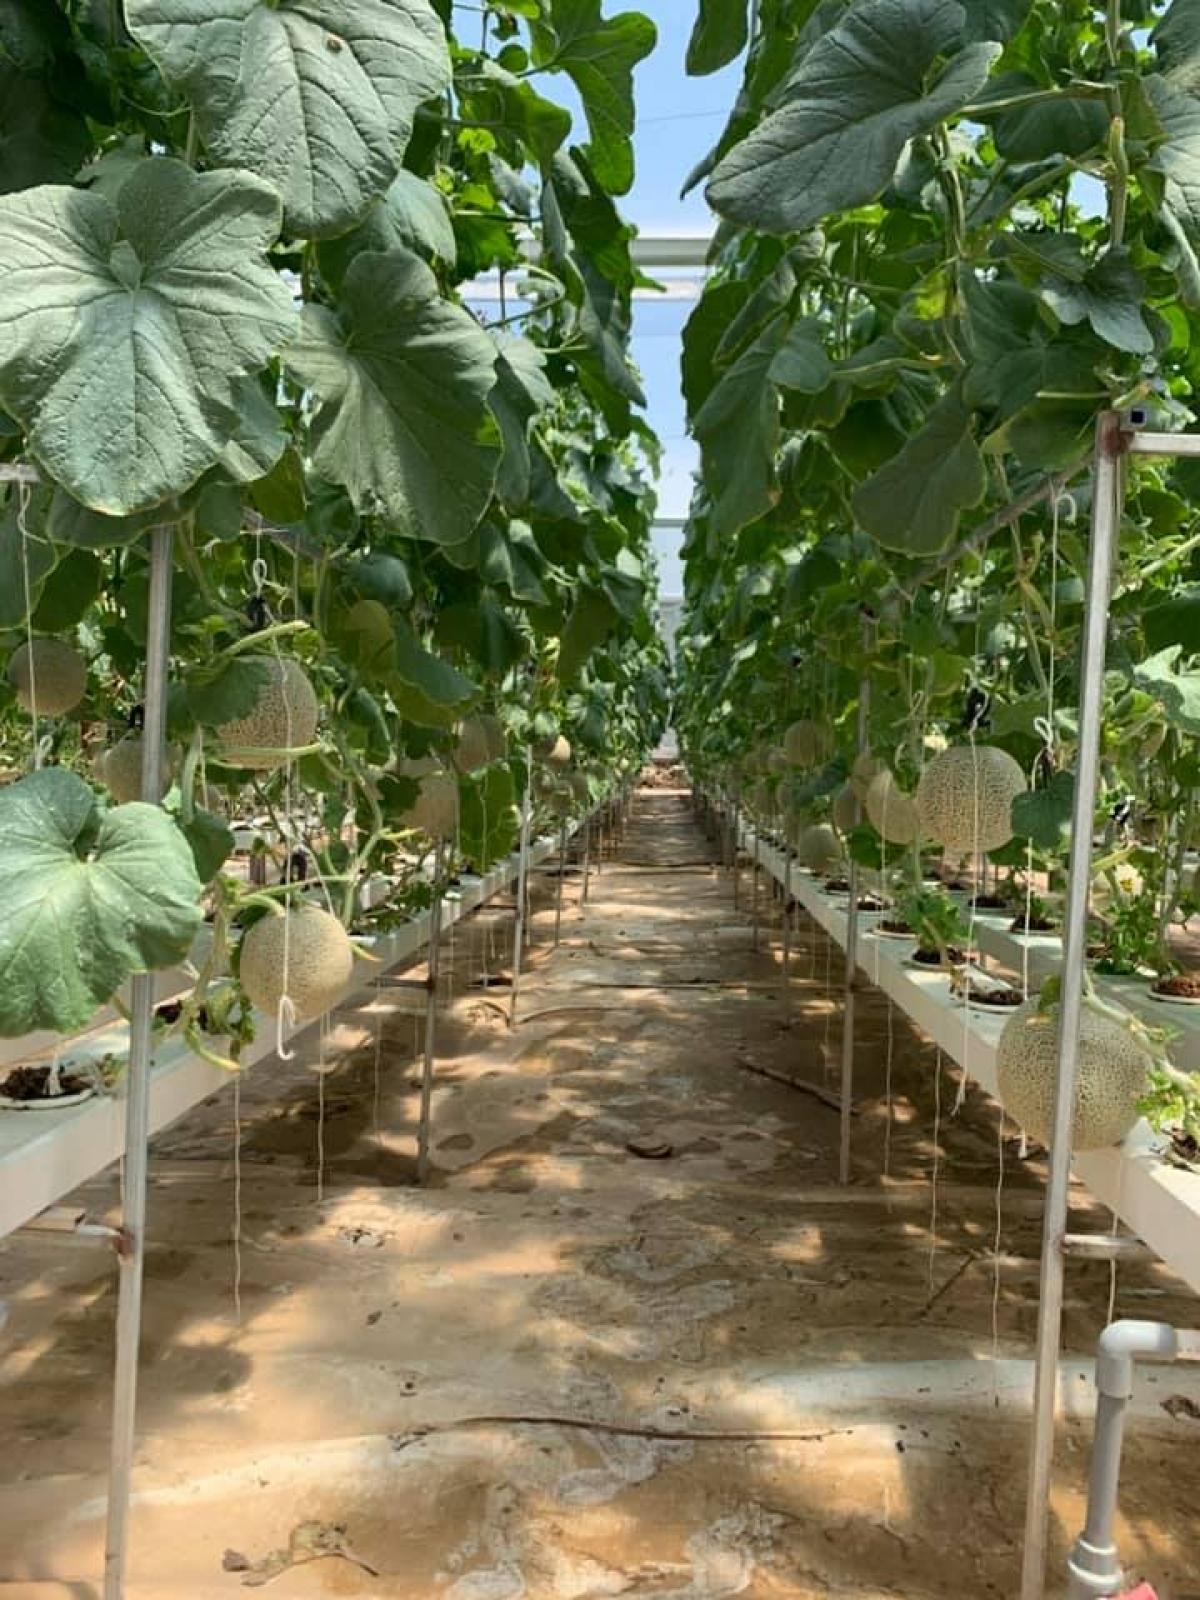 Mô hình trồng dưa lưới an toàn sinh học cho thu nhập cao.